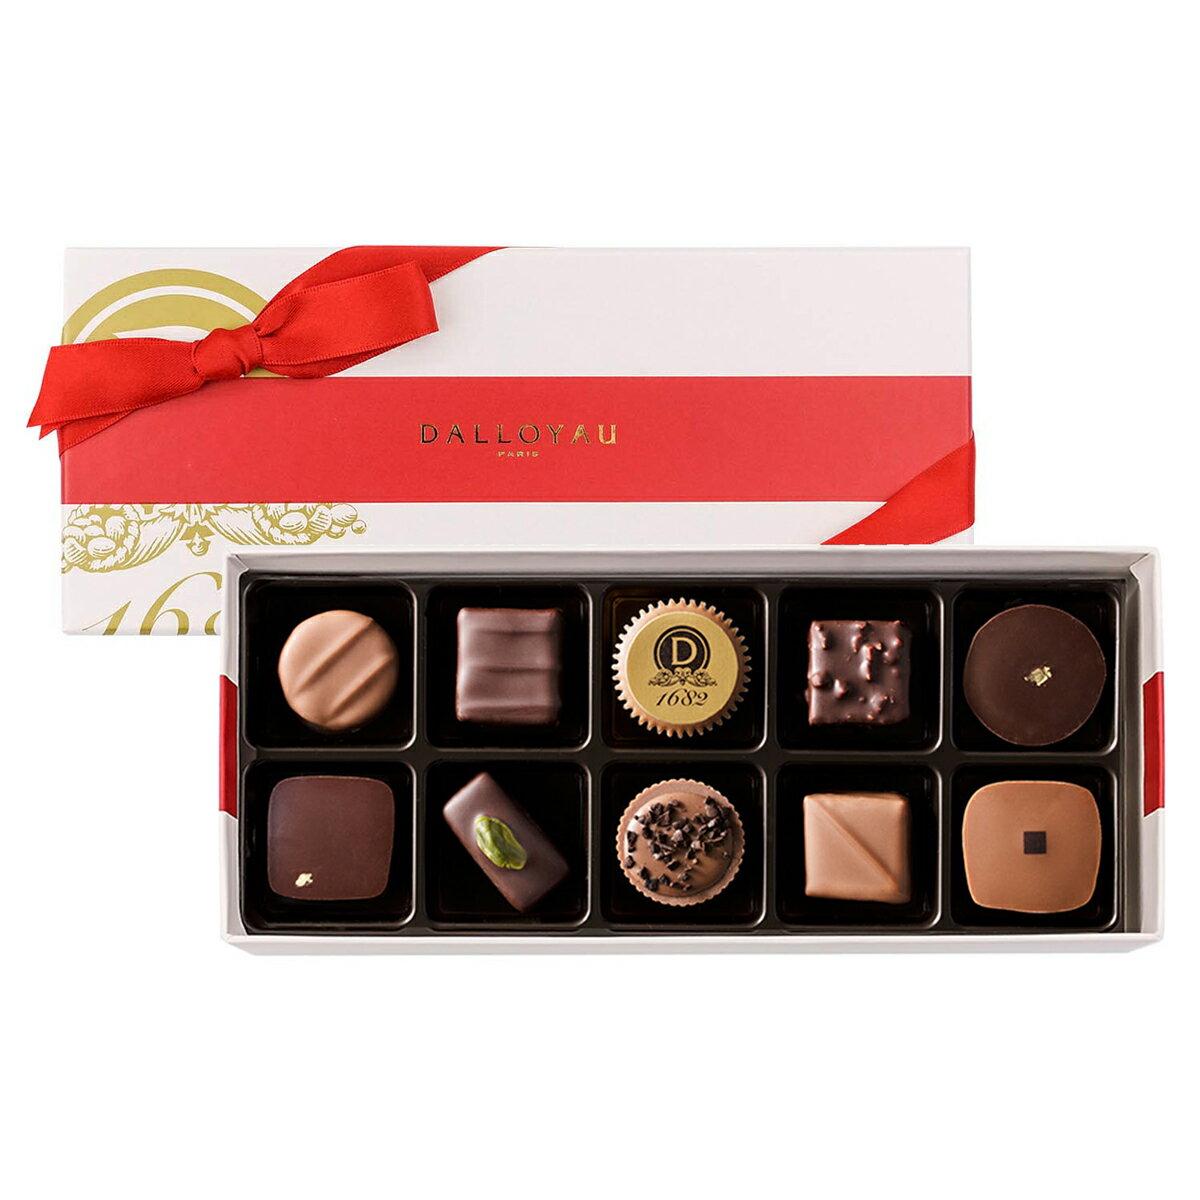 ダロワイヨ 父の日 お土産 帰省 お中元 御中元 お返しチョコレート コフレドショコラ(10個入) チョコレート リボンがけギフト箱入り 内祝 お誕生日 贈り物 楽ギフ_包装 クリスマス